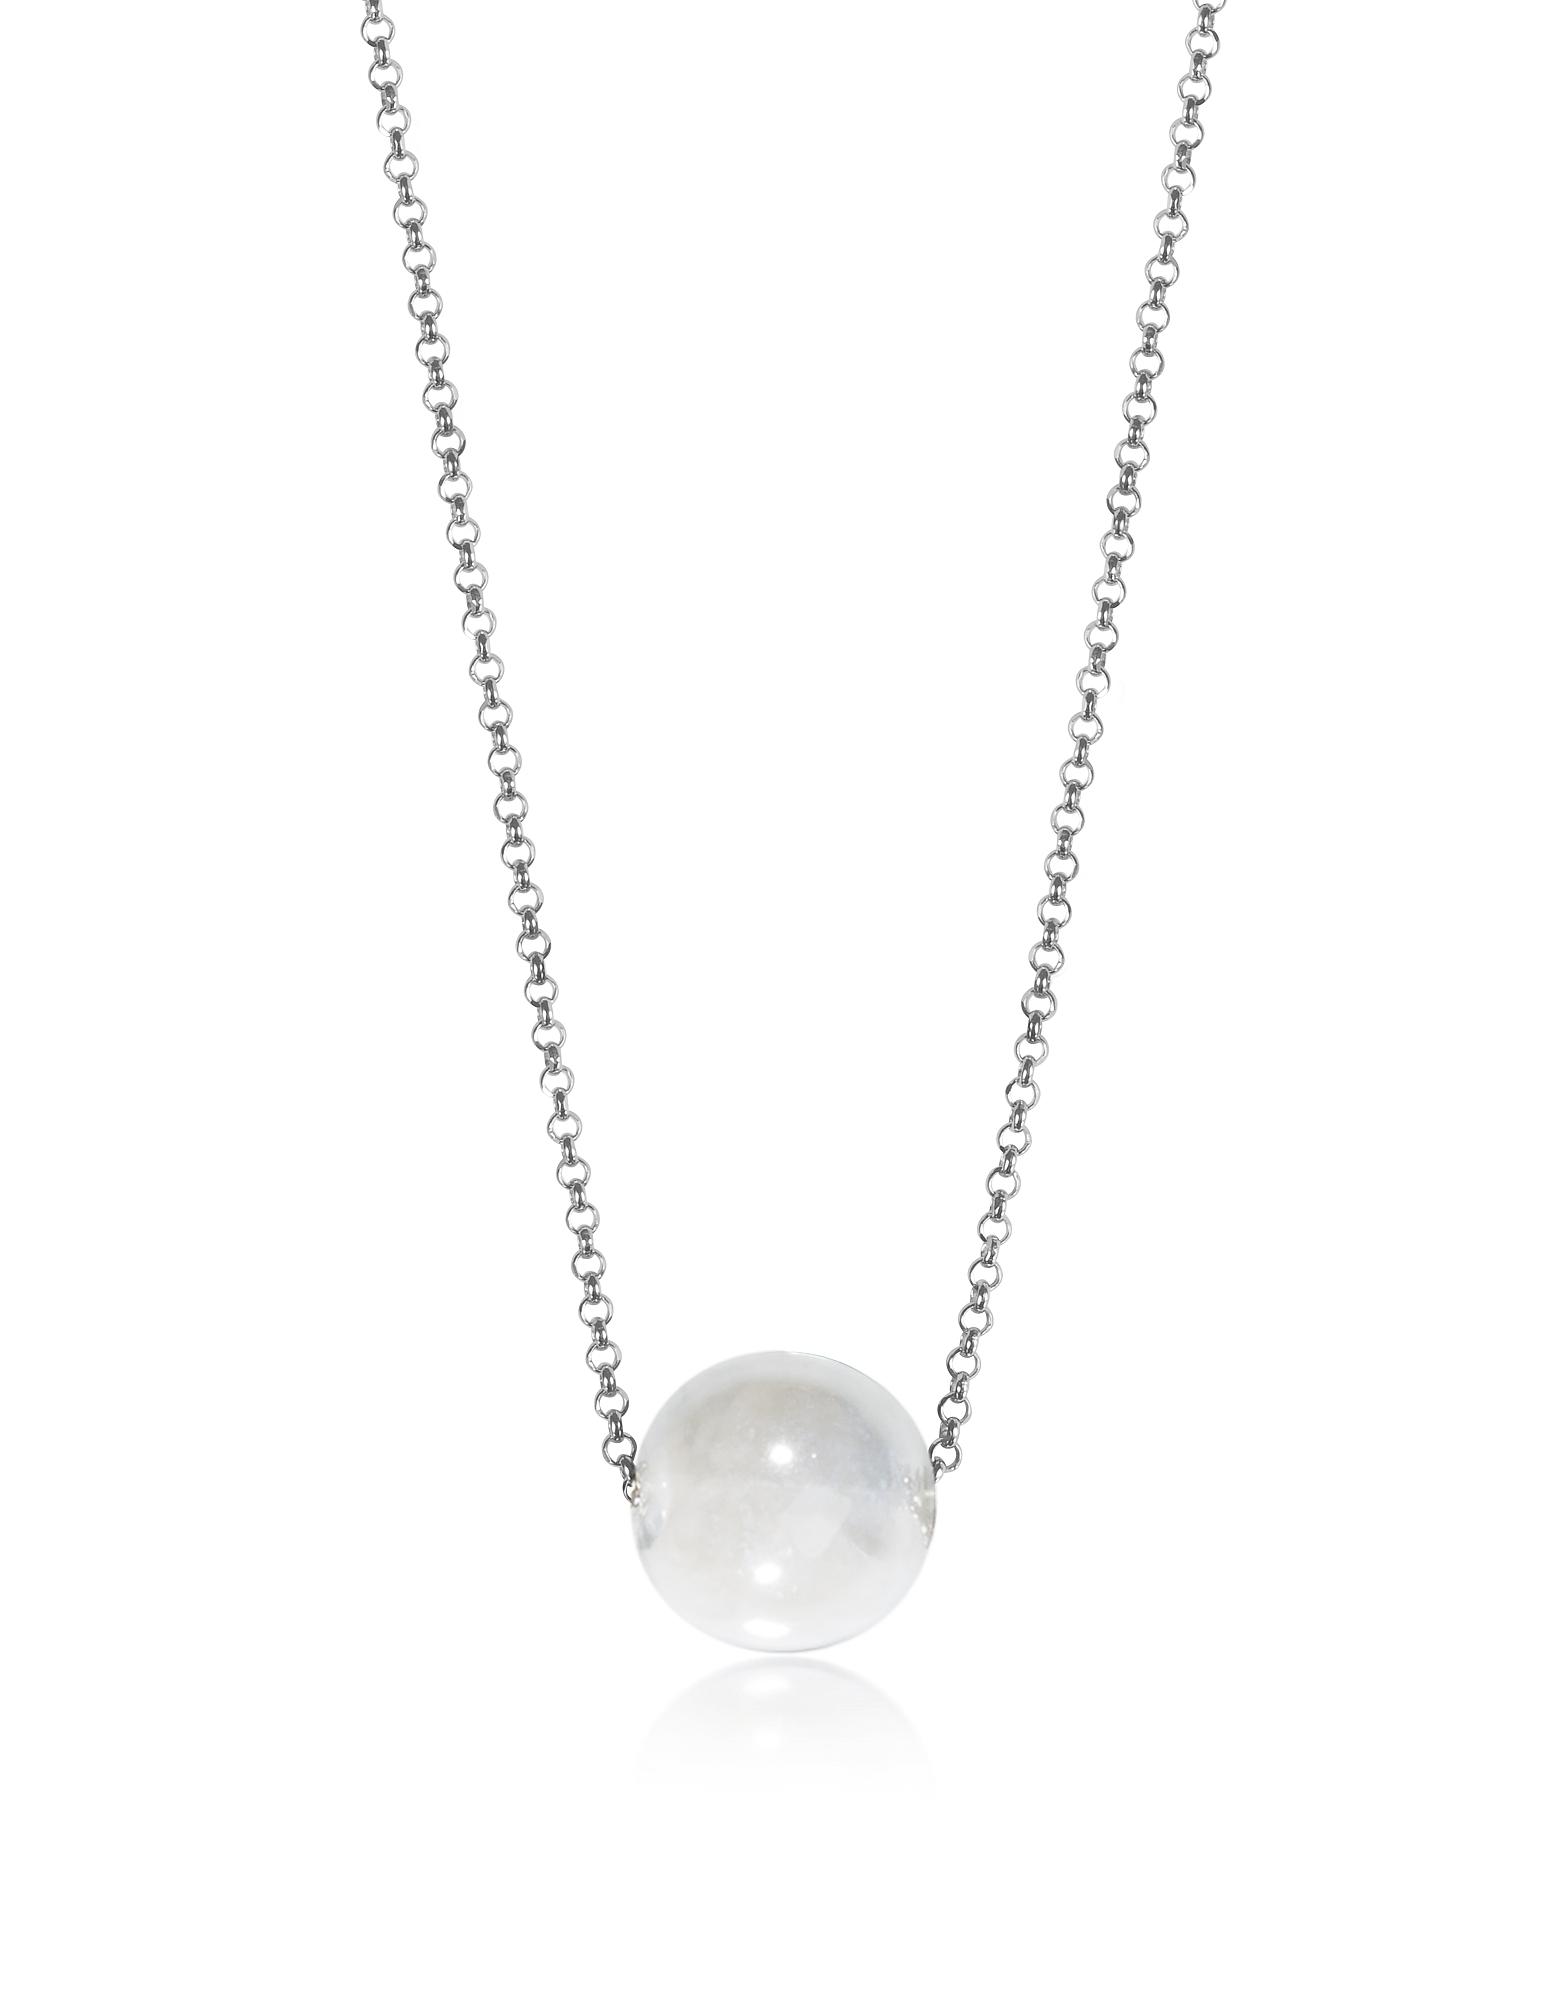 Perleadi - Ожерелье Цепочка с Белой Бусинкой из Стекла Мурано